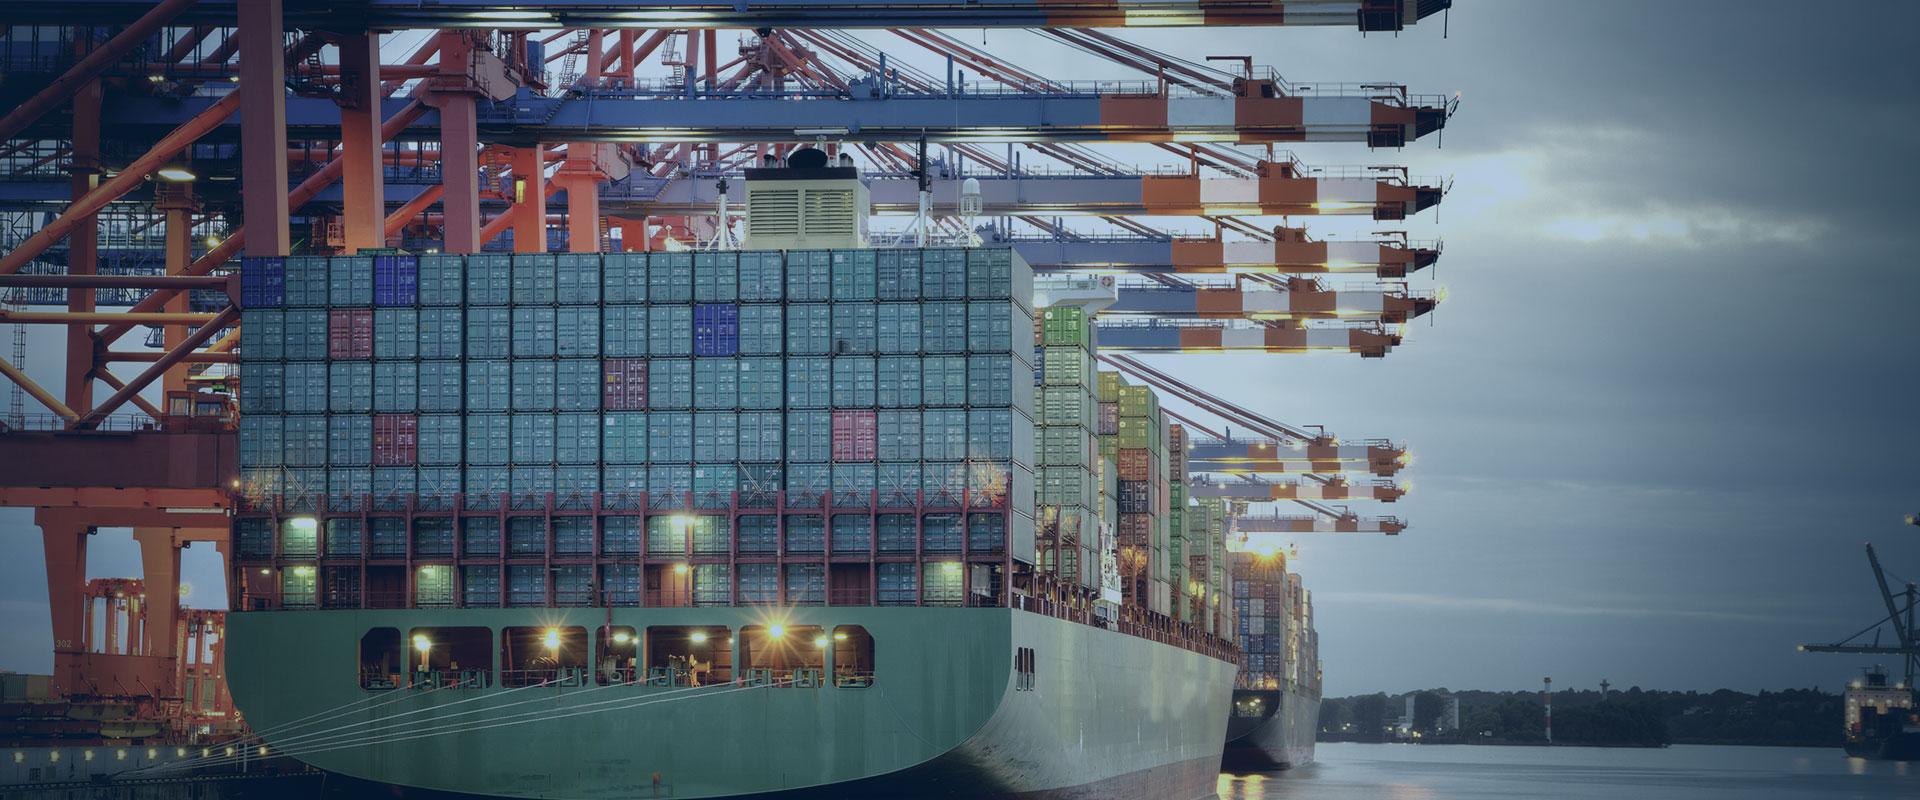 Capa banner-02.jpg - Seguro de Transportes (Carga)